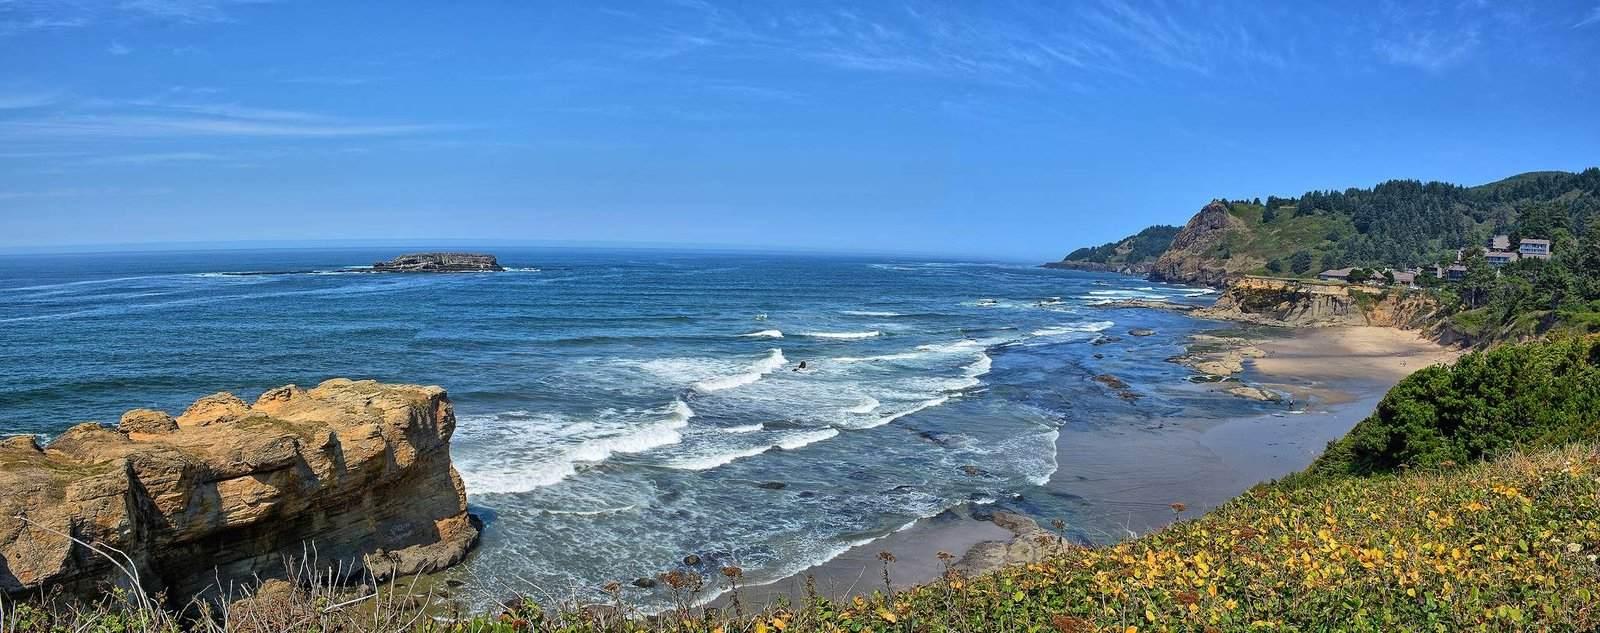 oregon coast10 Day at Oregon Coast